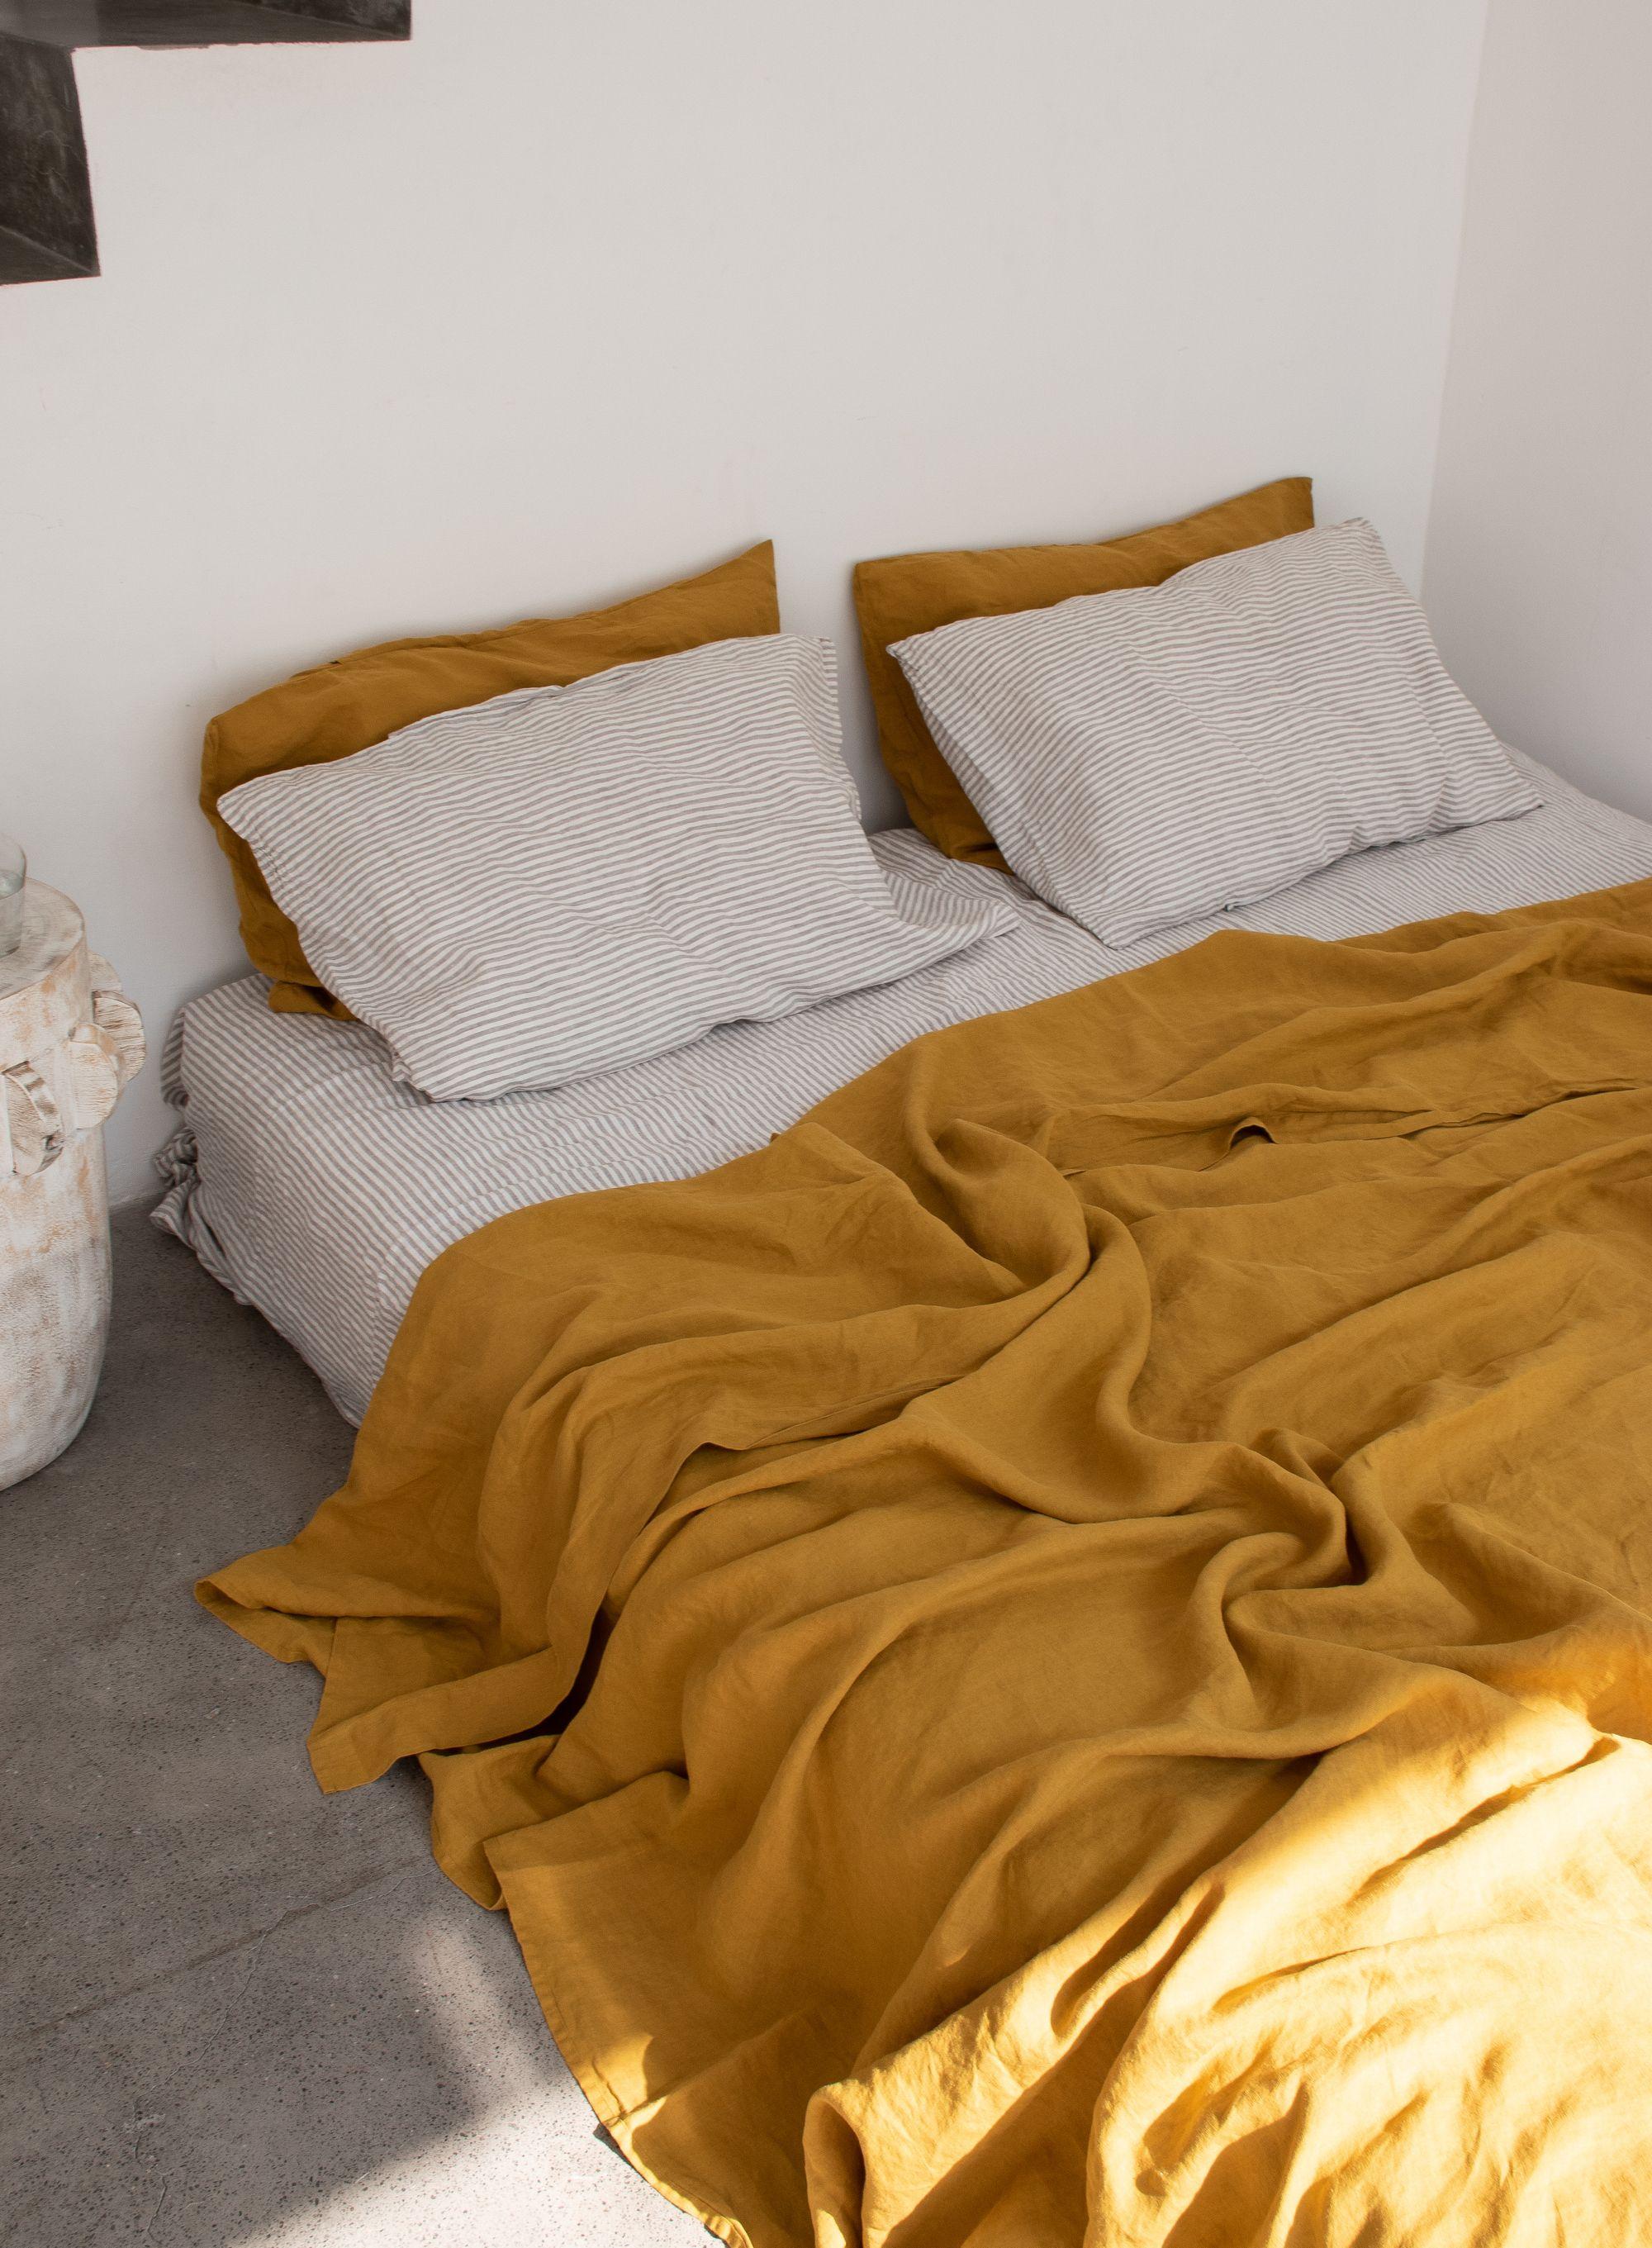 Mustard French Linen Bedding Linen Bedding Pure Linen Bedding Linen Sheets